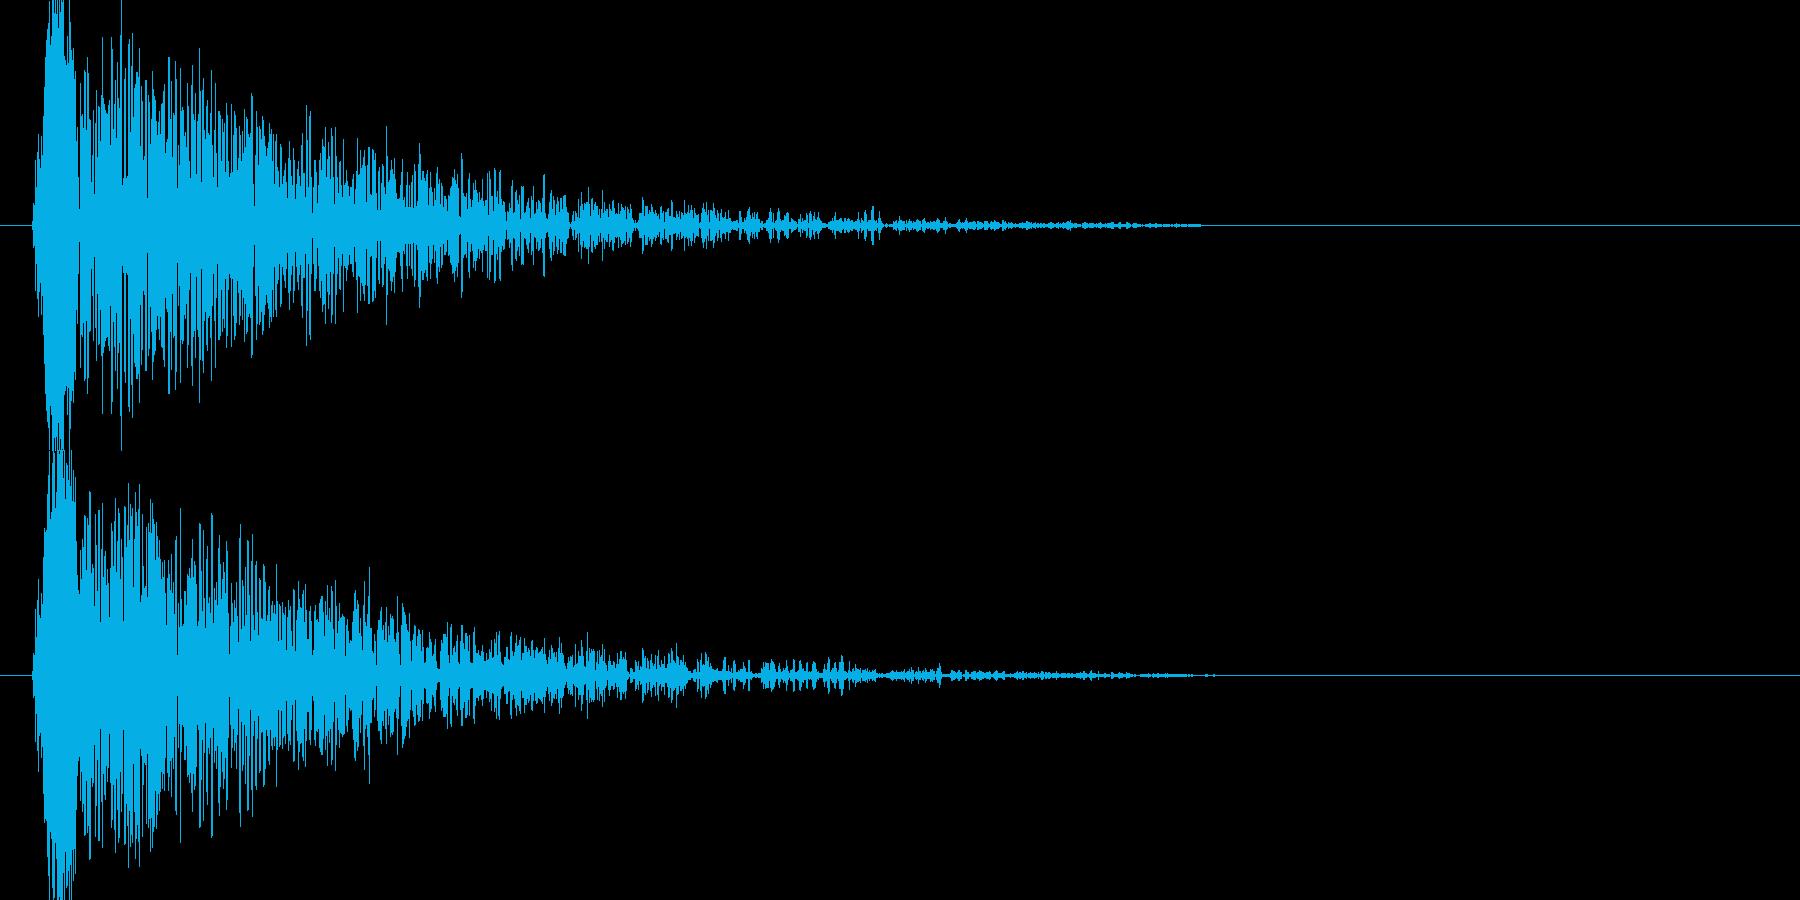 ドゥーン、、ジリジリジリ(爆発音)の再生済みの波形